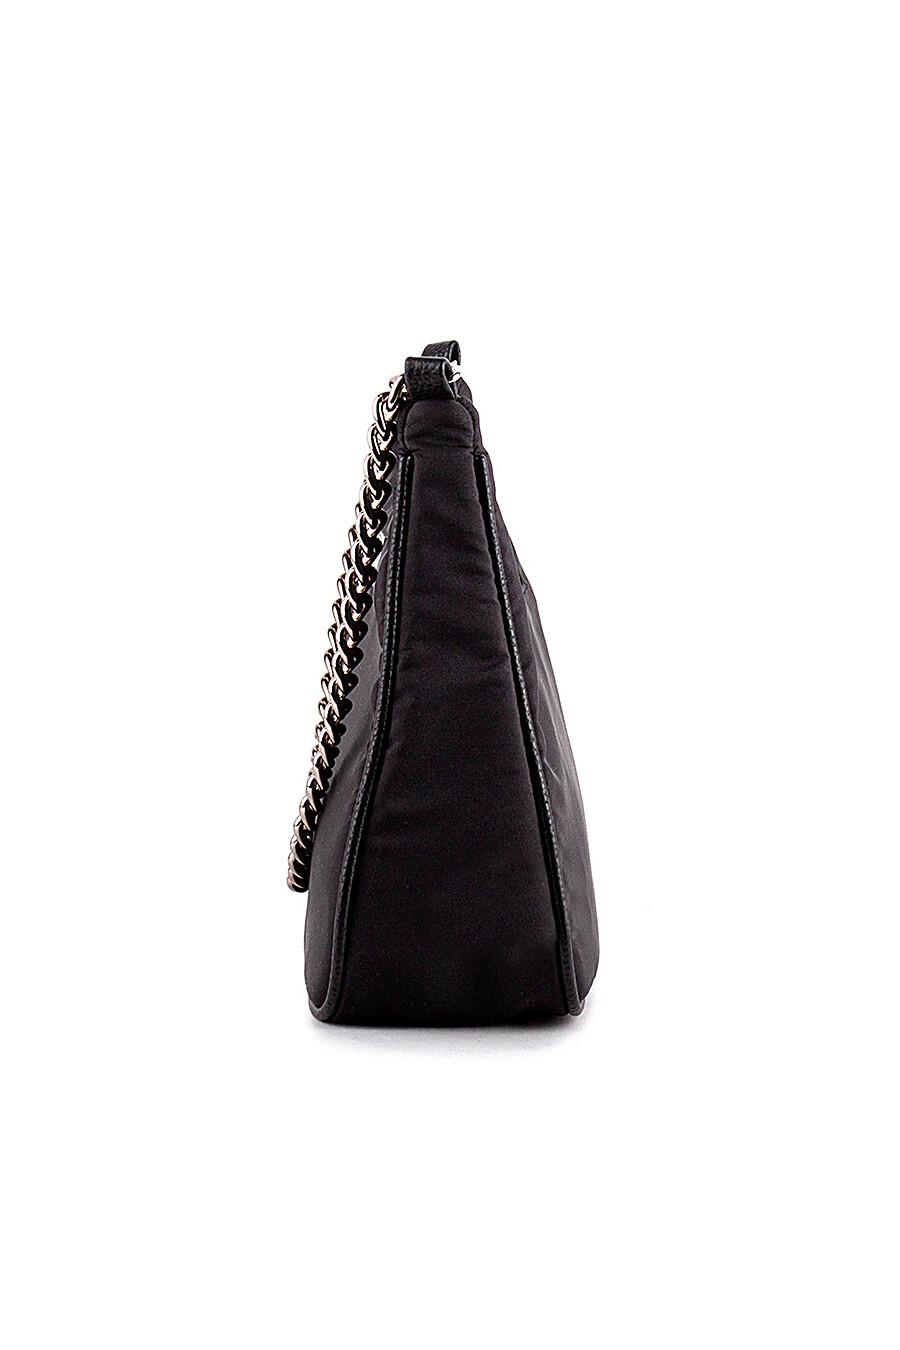 Сумка для женщин L-CRAFT 668324 купить оптом от производителя. Совместная покупка женской одежды в OptMoyo